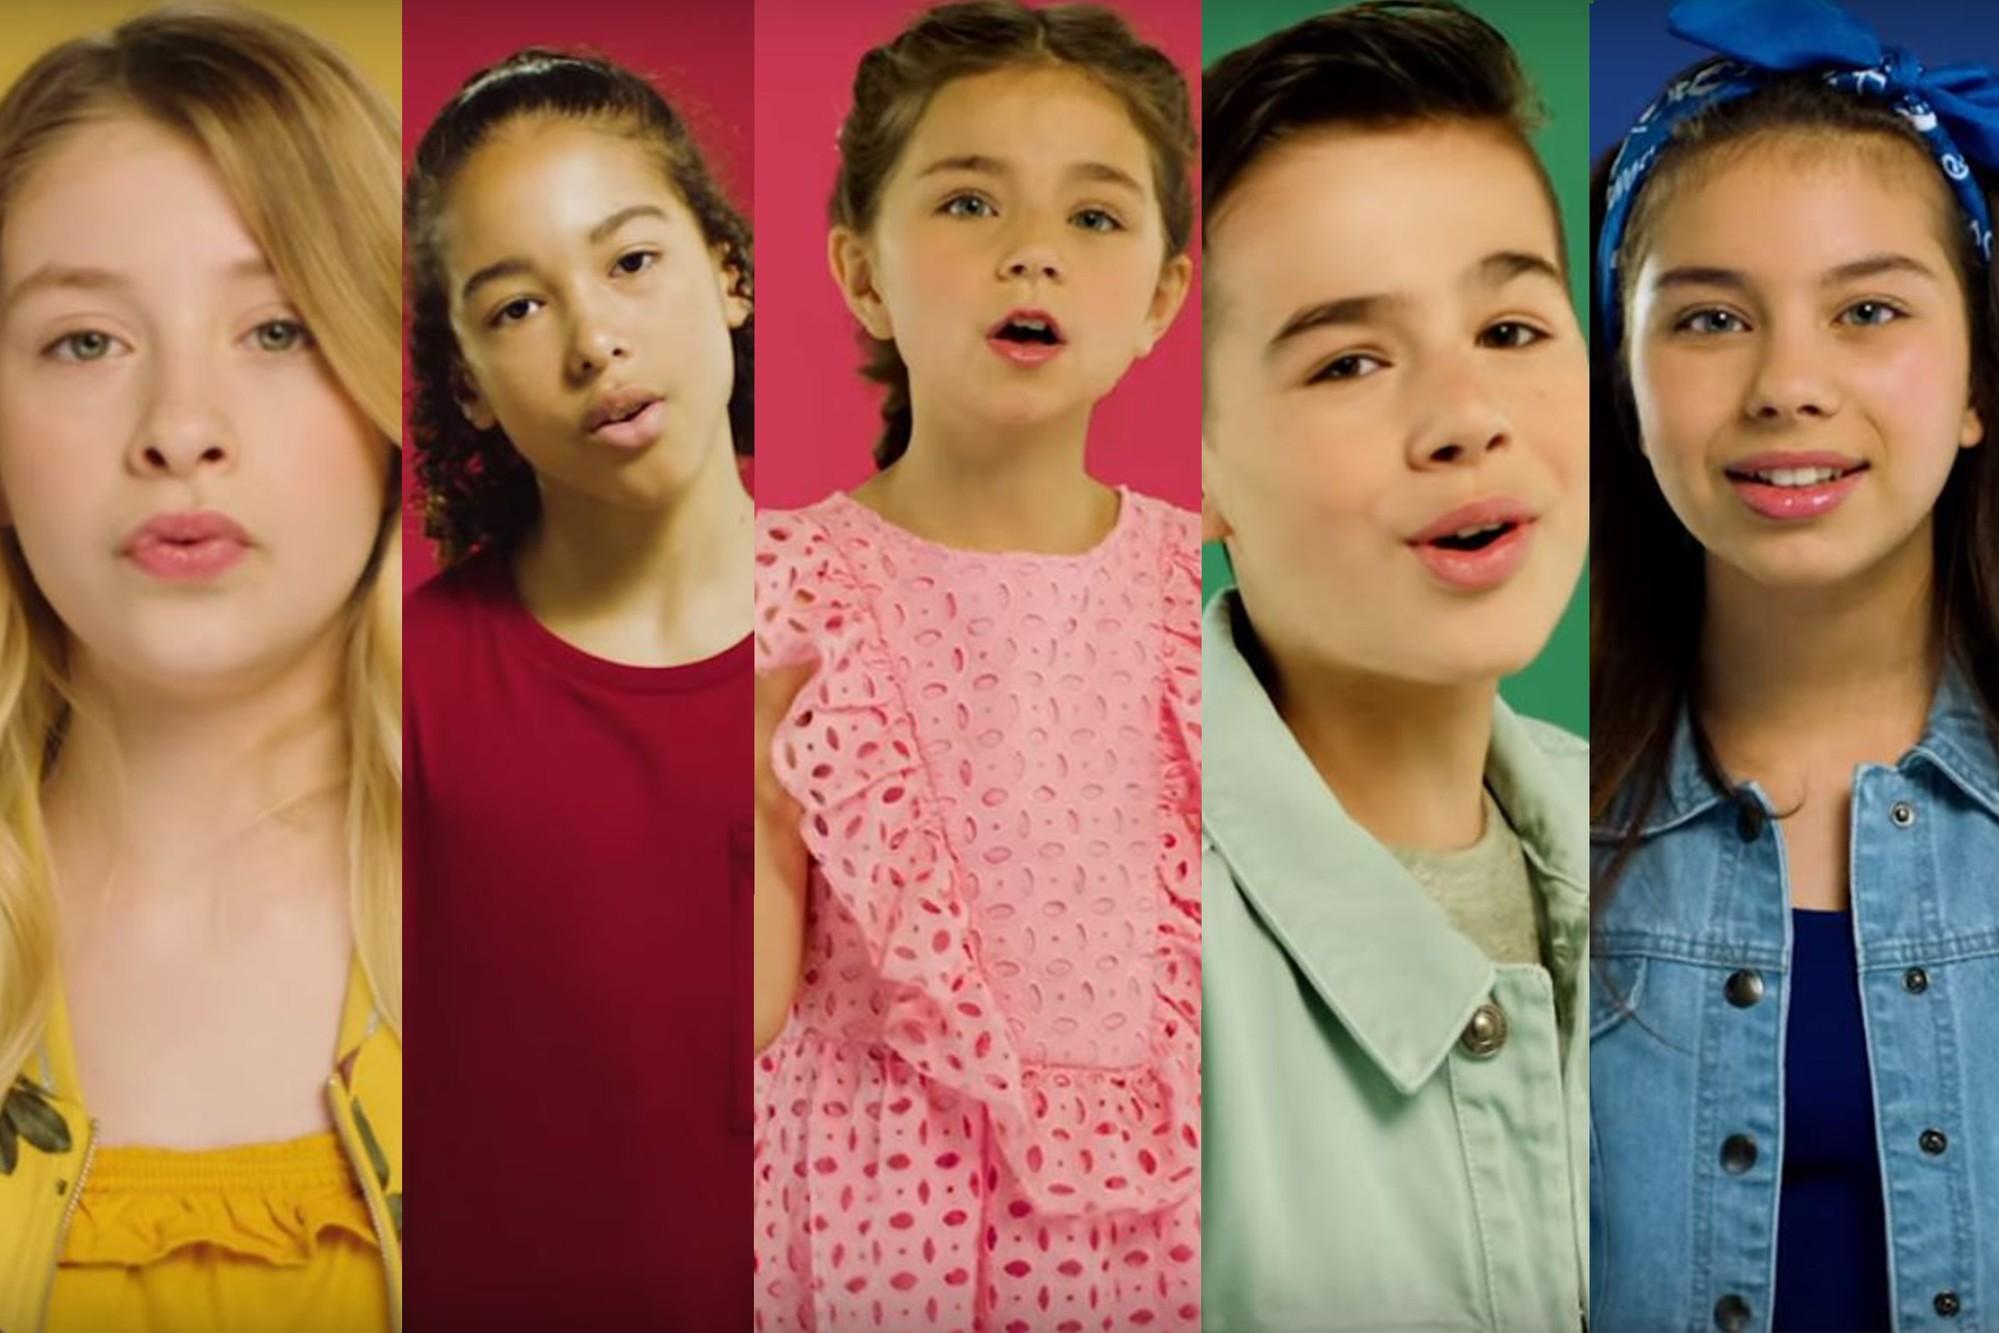 7793594761_les-kids-united-nouvelle-generation-sont-ages-de-9-a-15-ans